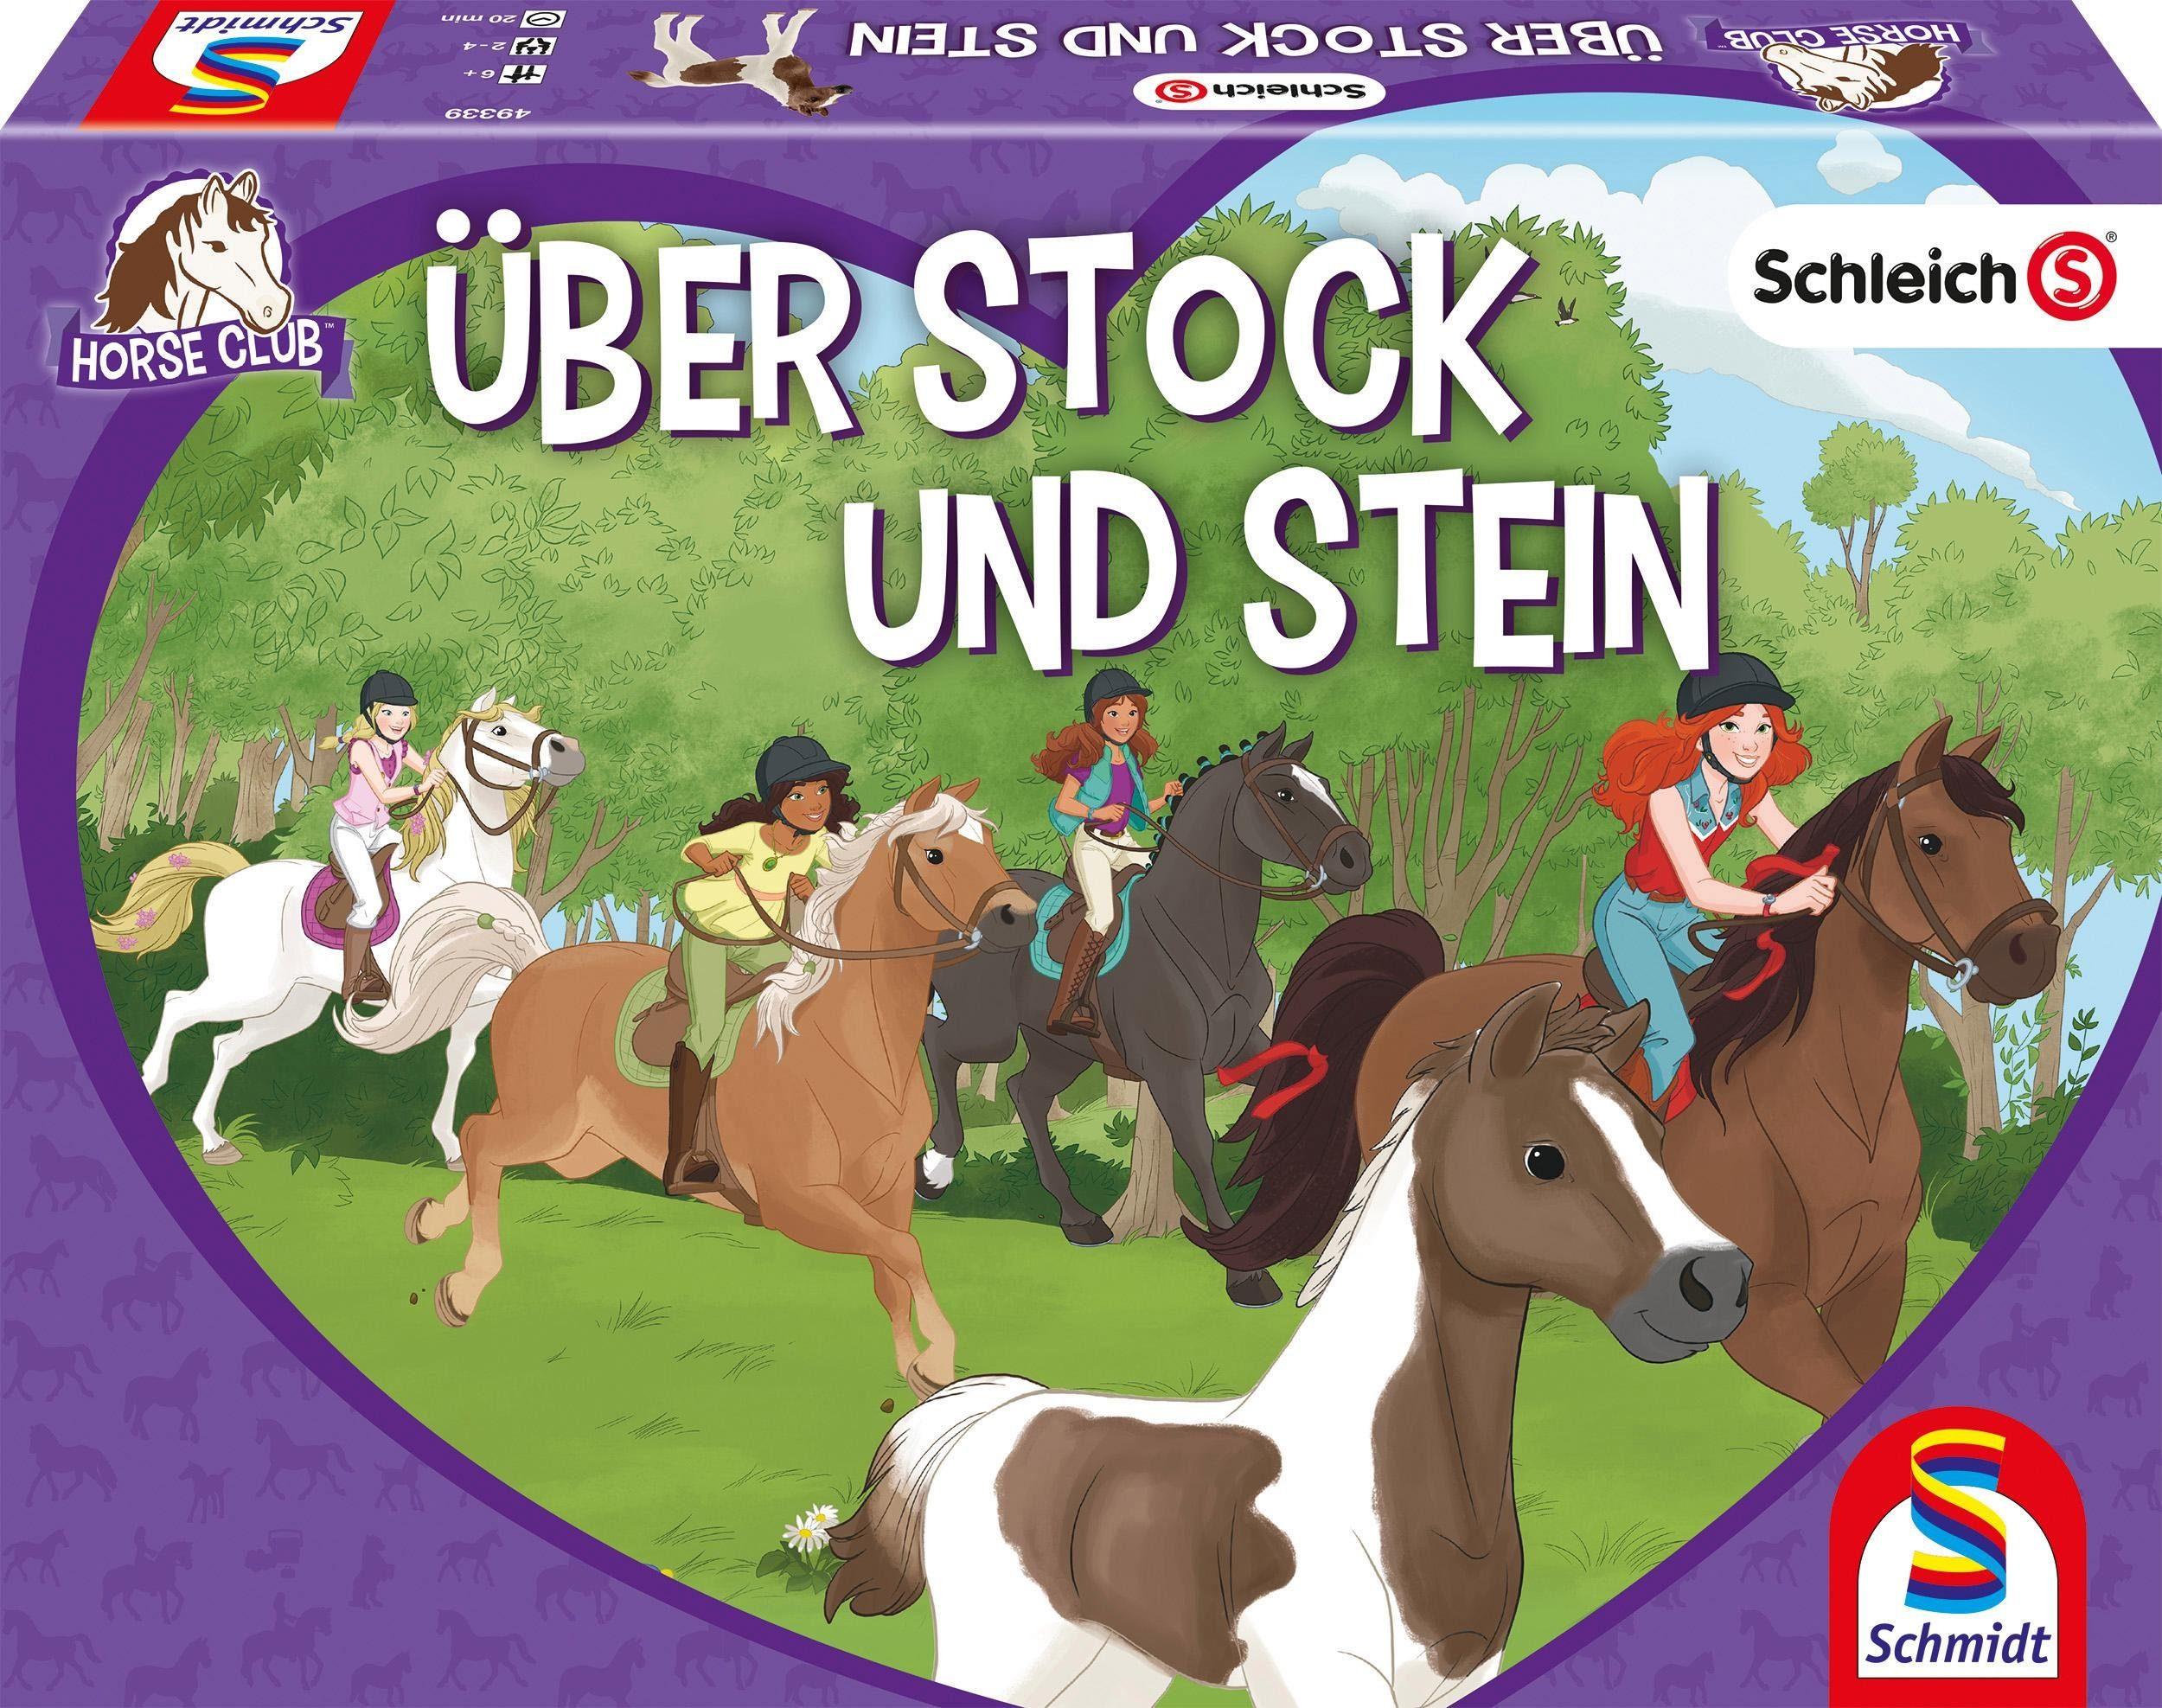 Schmidt Spiele Schleich Über Stock und Stein Spiele